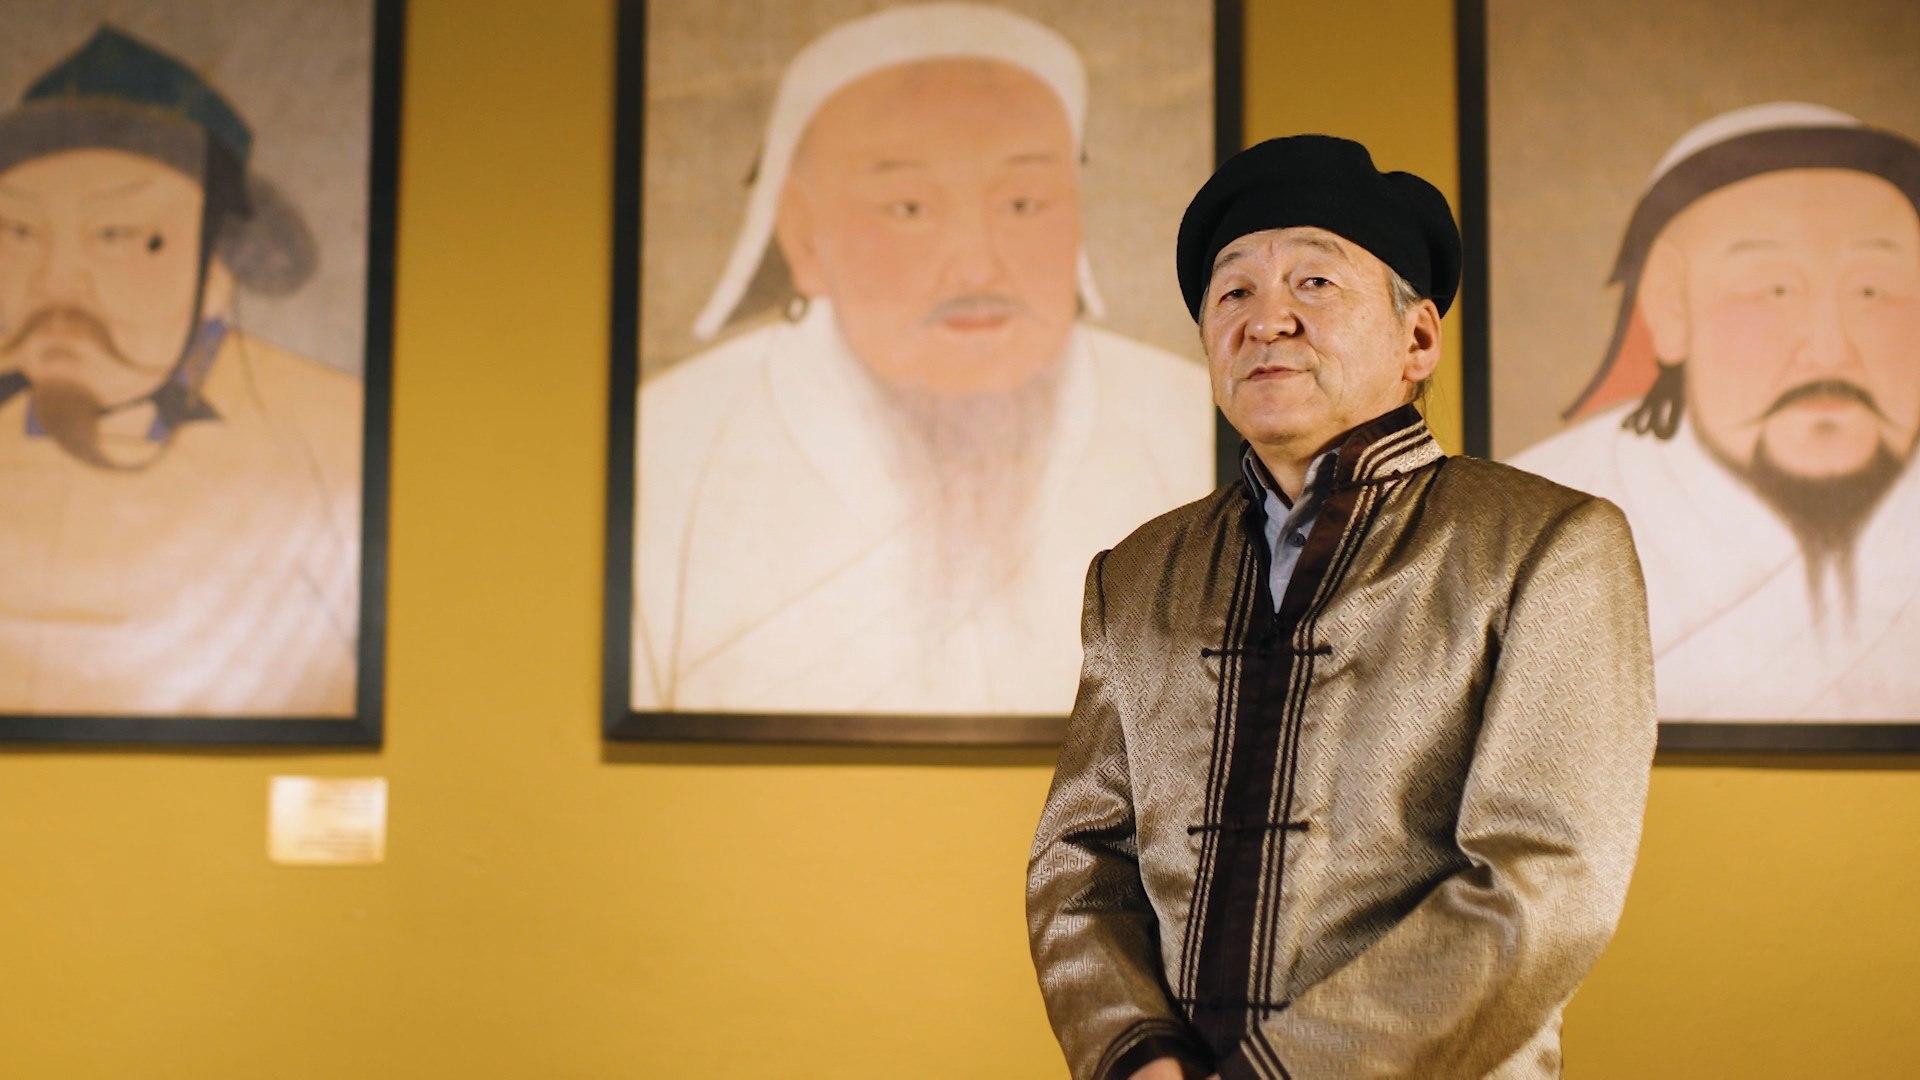 Д.Батбаяр: Ерөнхийлөгч Х.Баттулга өөрийн биеэр үлгэрлэж монгол бичиг зааж буй хандлага нь бидэнд маш их урам өгч байгаа